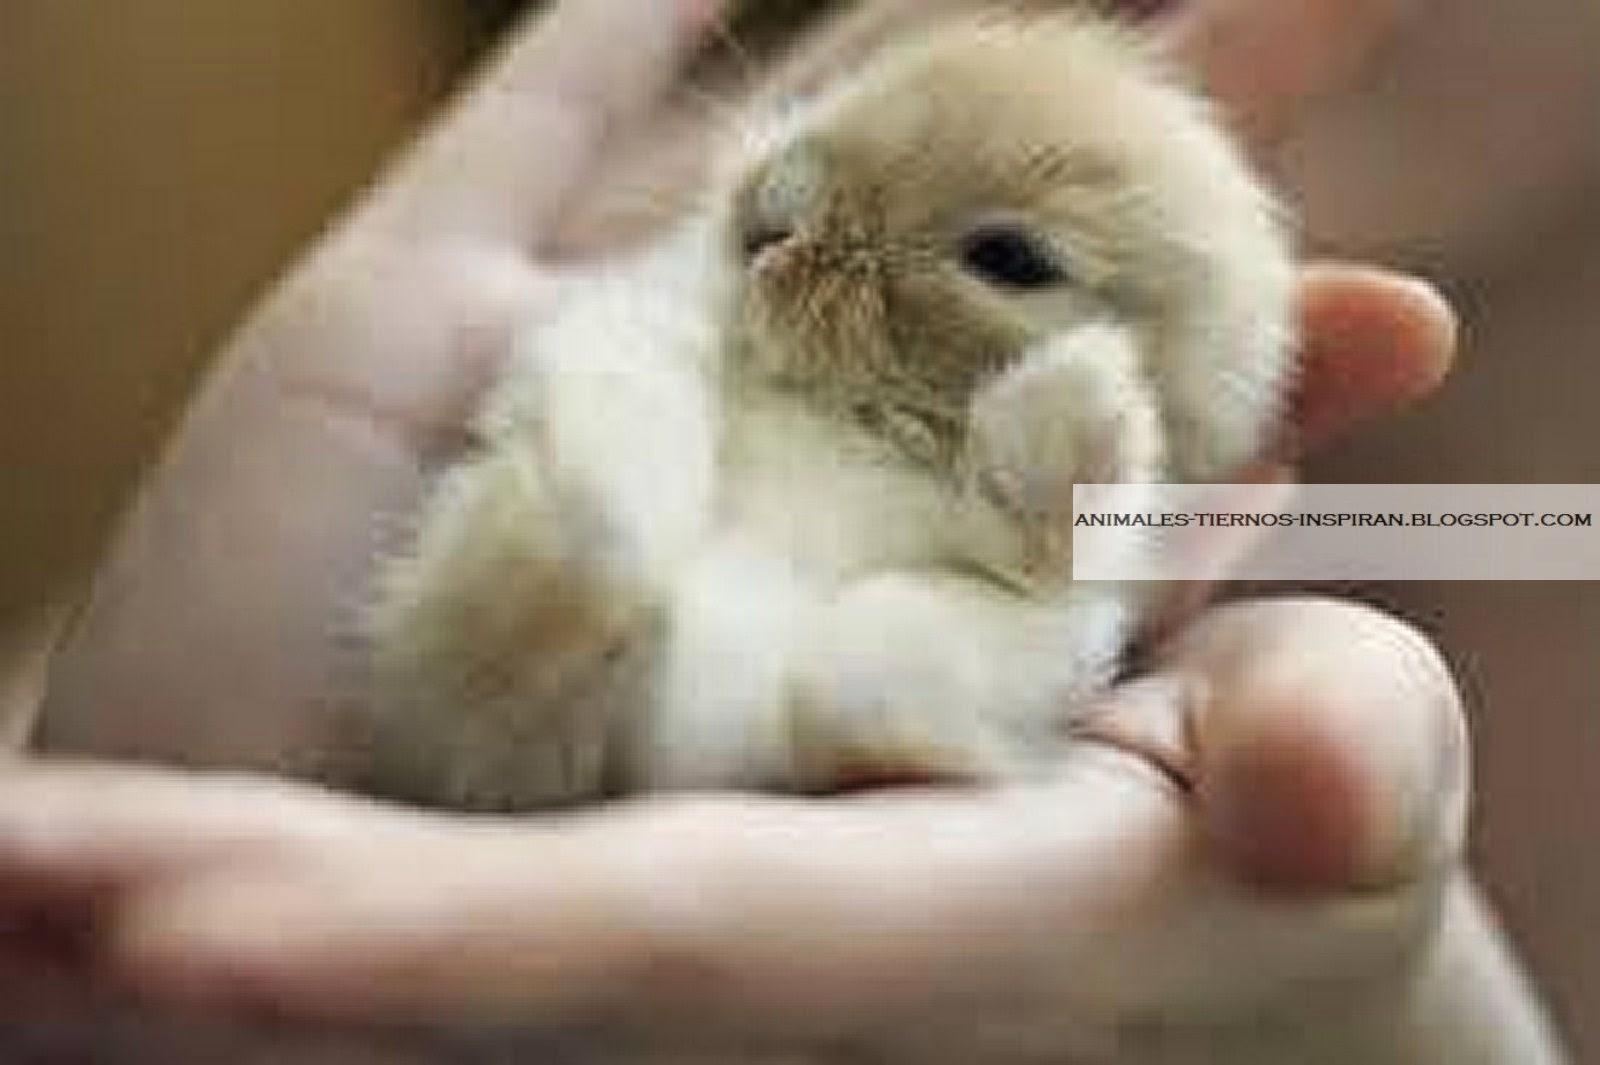 Animales Tiernos Inspiran: Imágenes De Animales Bebes